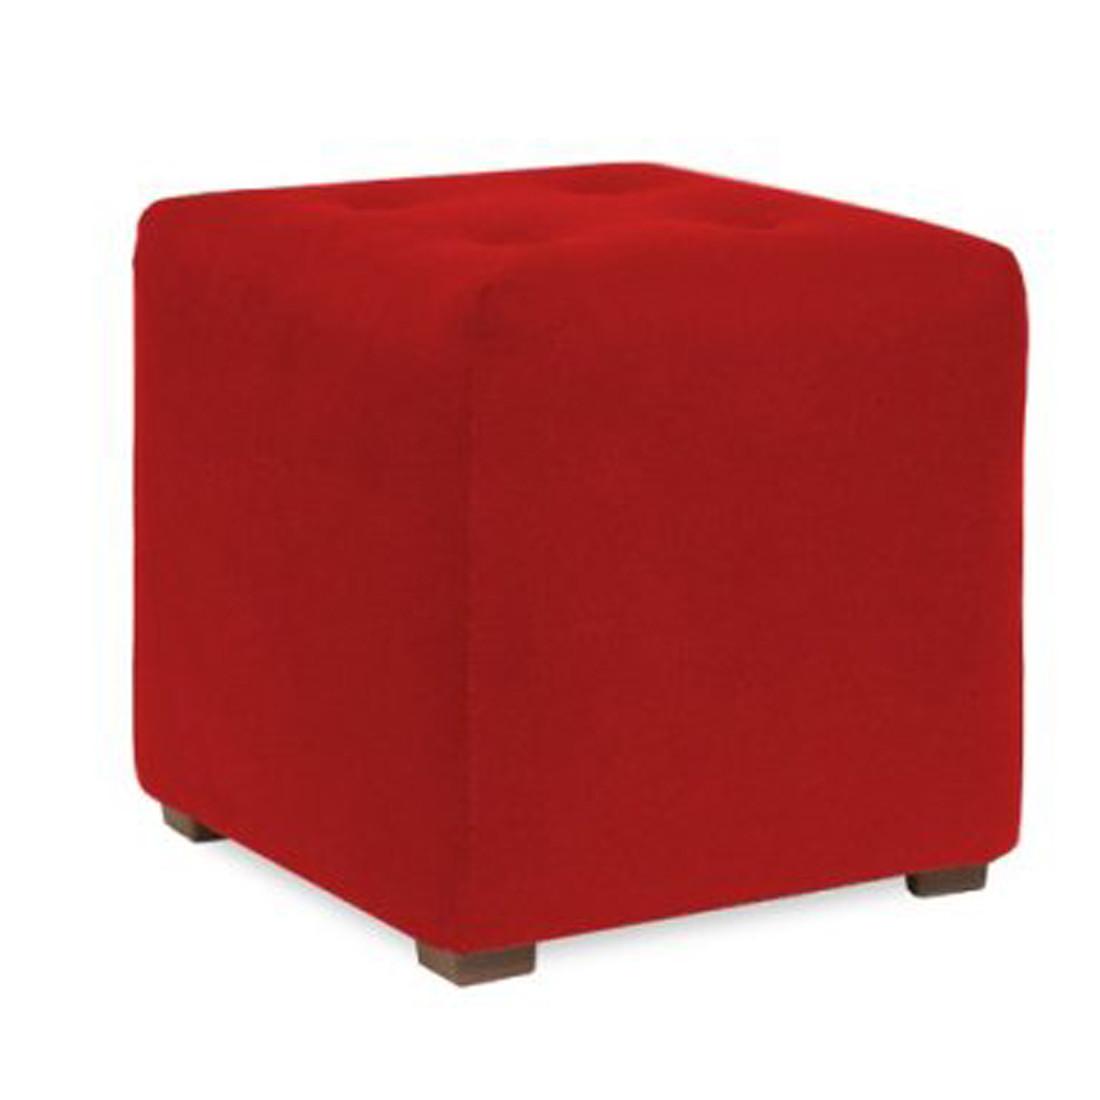 Red Sofa Piece